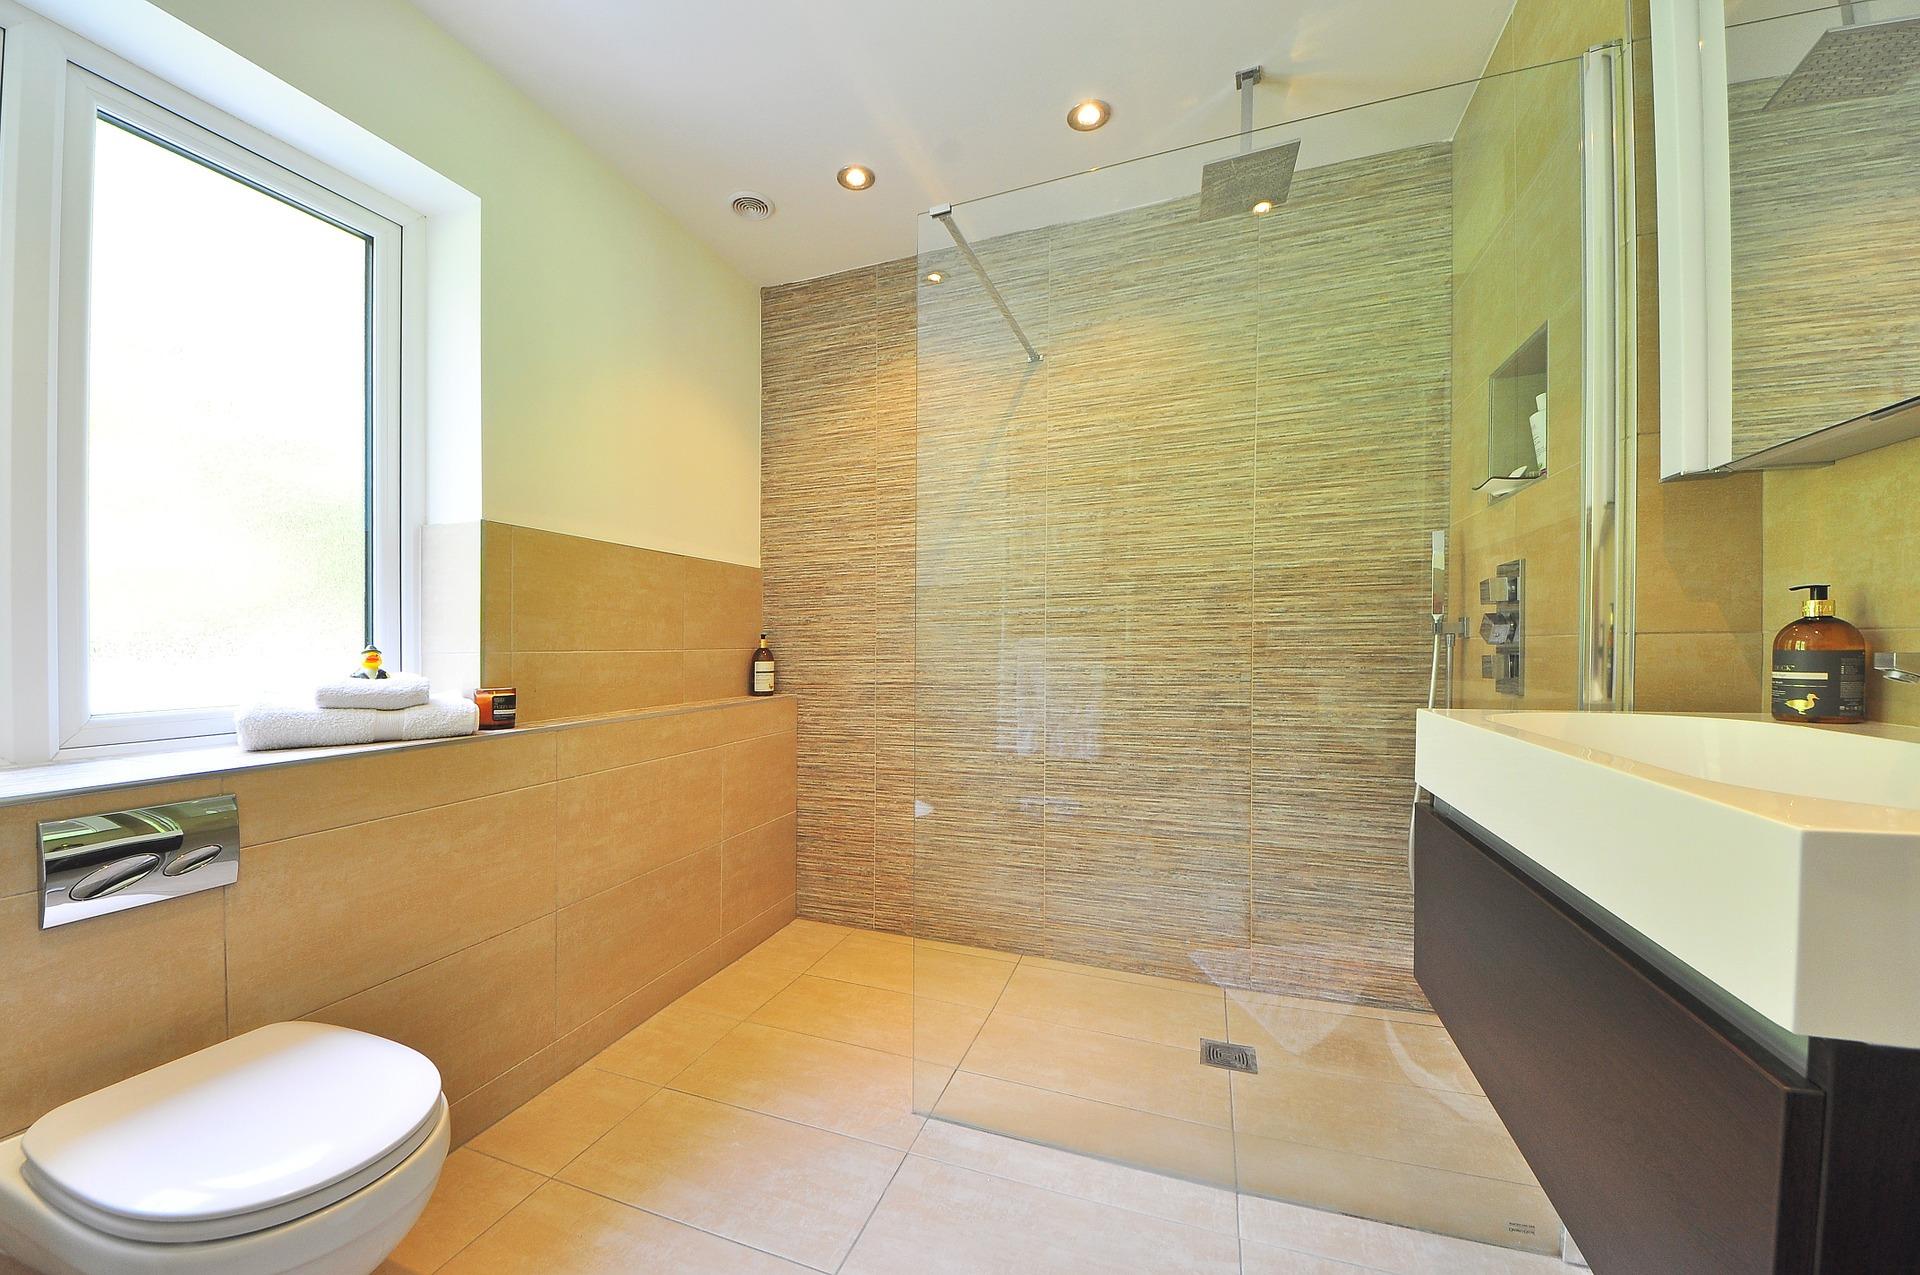 Altersgerechtes Bad Welche Hilfsmittel Lohnen Sich Gibt Es - Altersgerechtes badezimmer